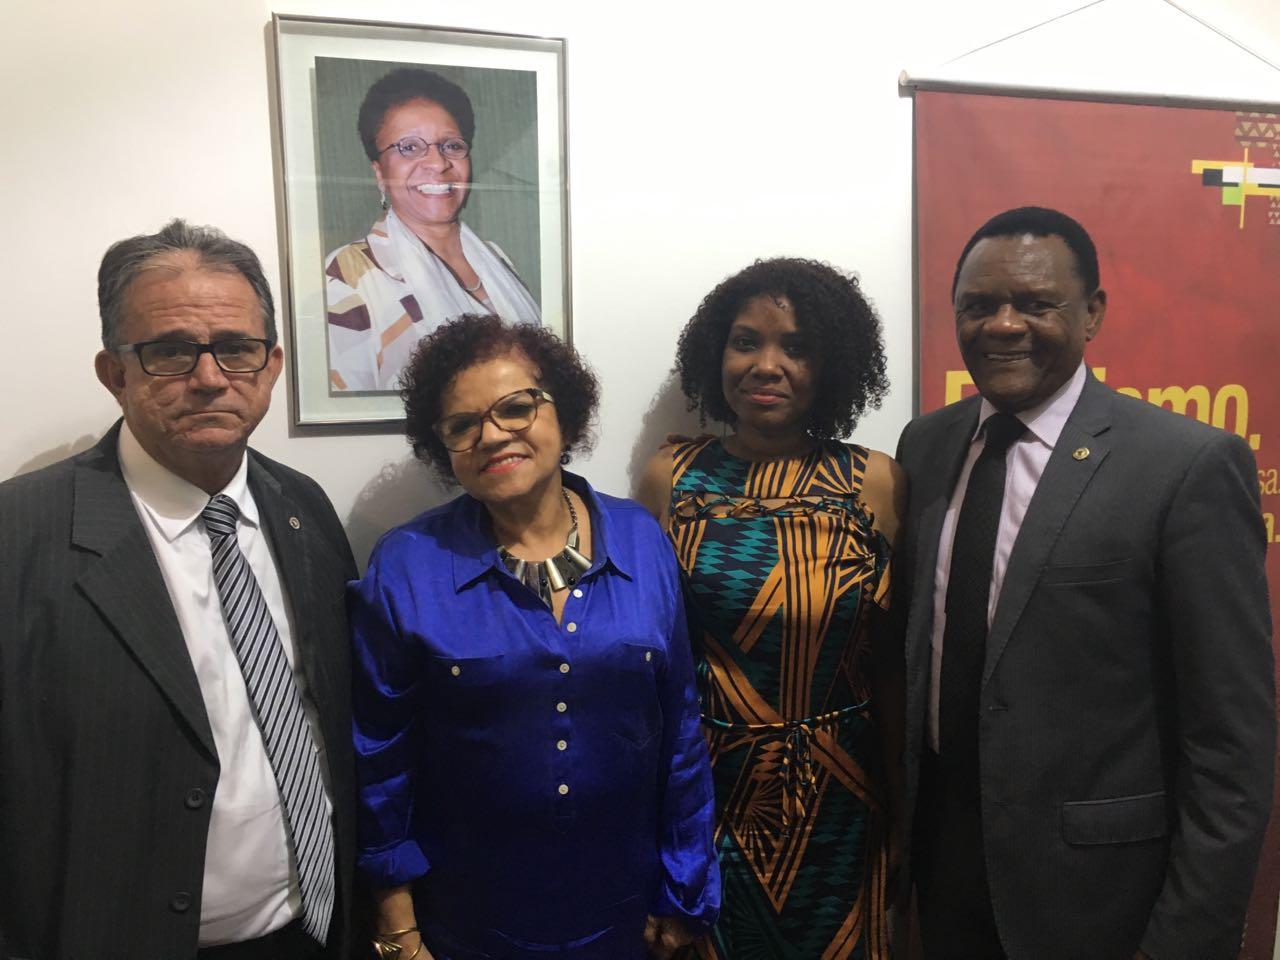 Ossesio participa de homenagem a ex-ministra da Igualdade Racial, Luiza Bairros